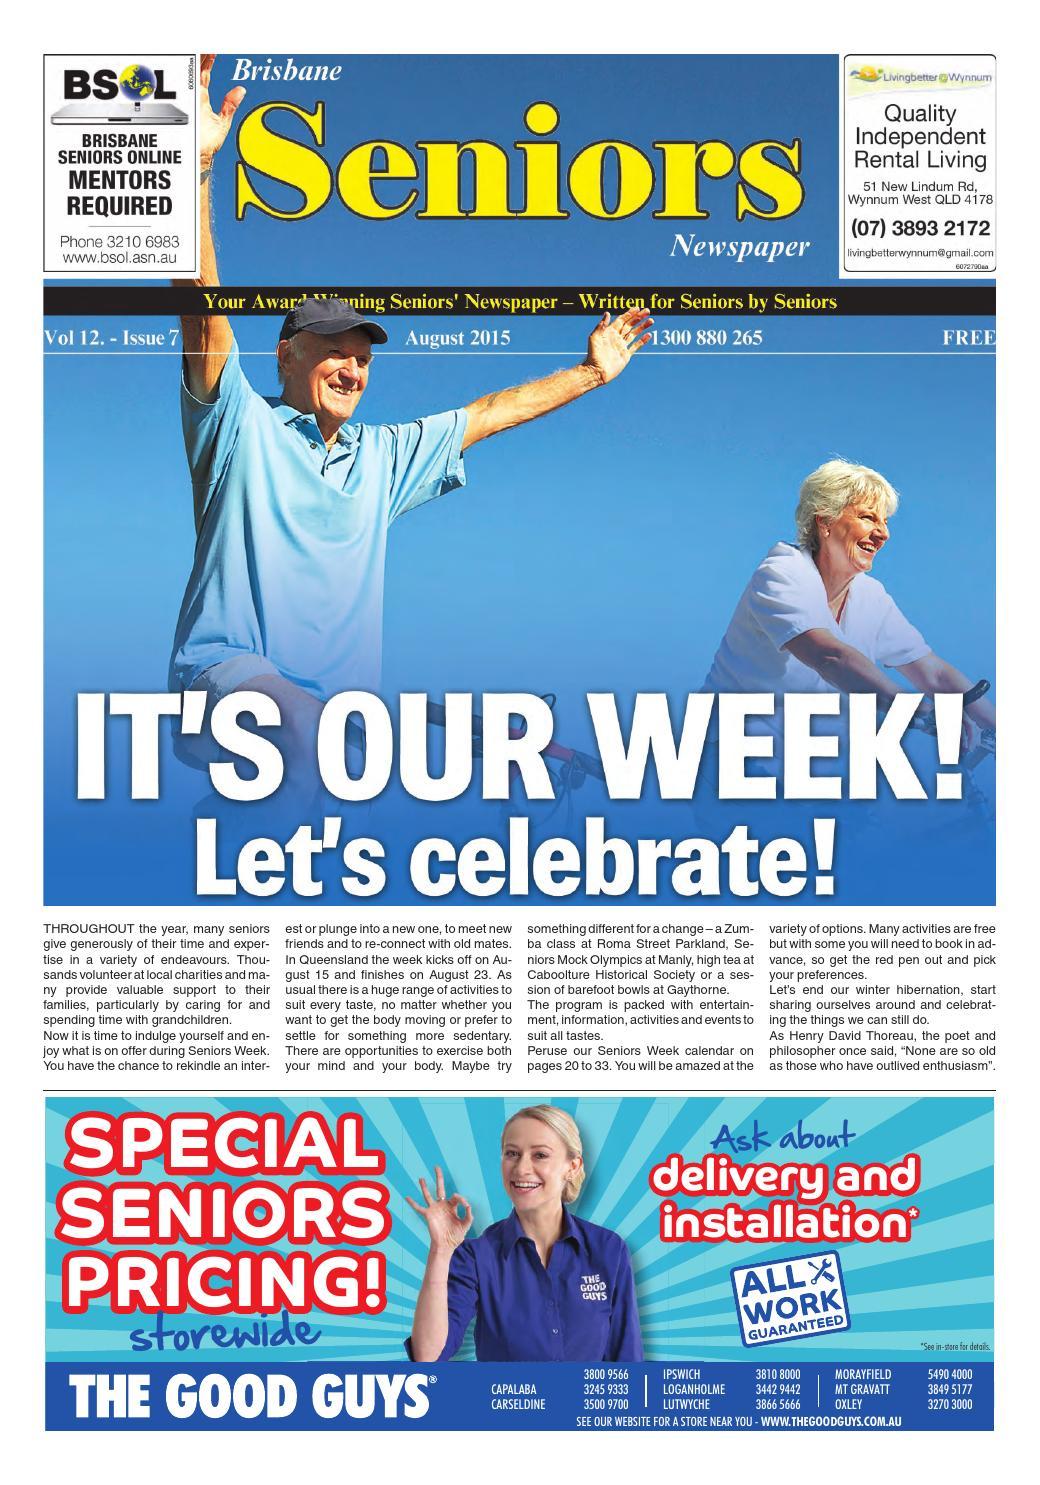 Brisbane seniors newspaper august 2015 by seniors - issuu